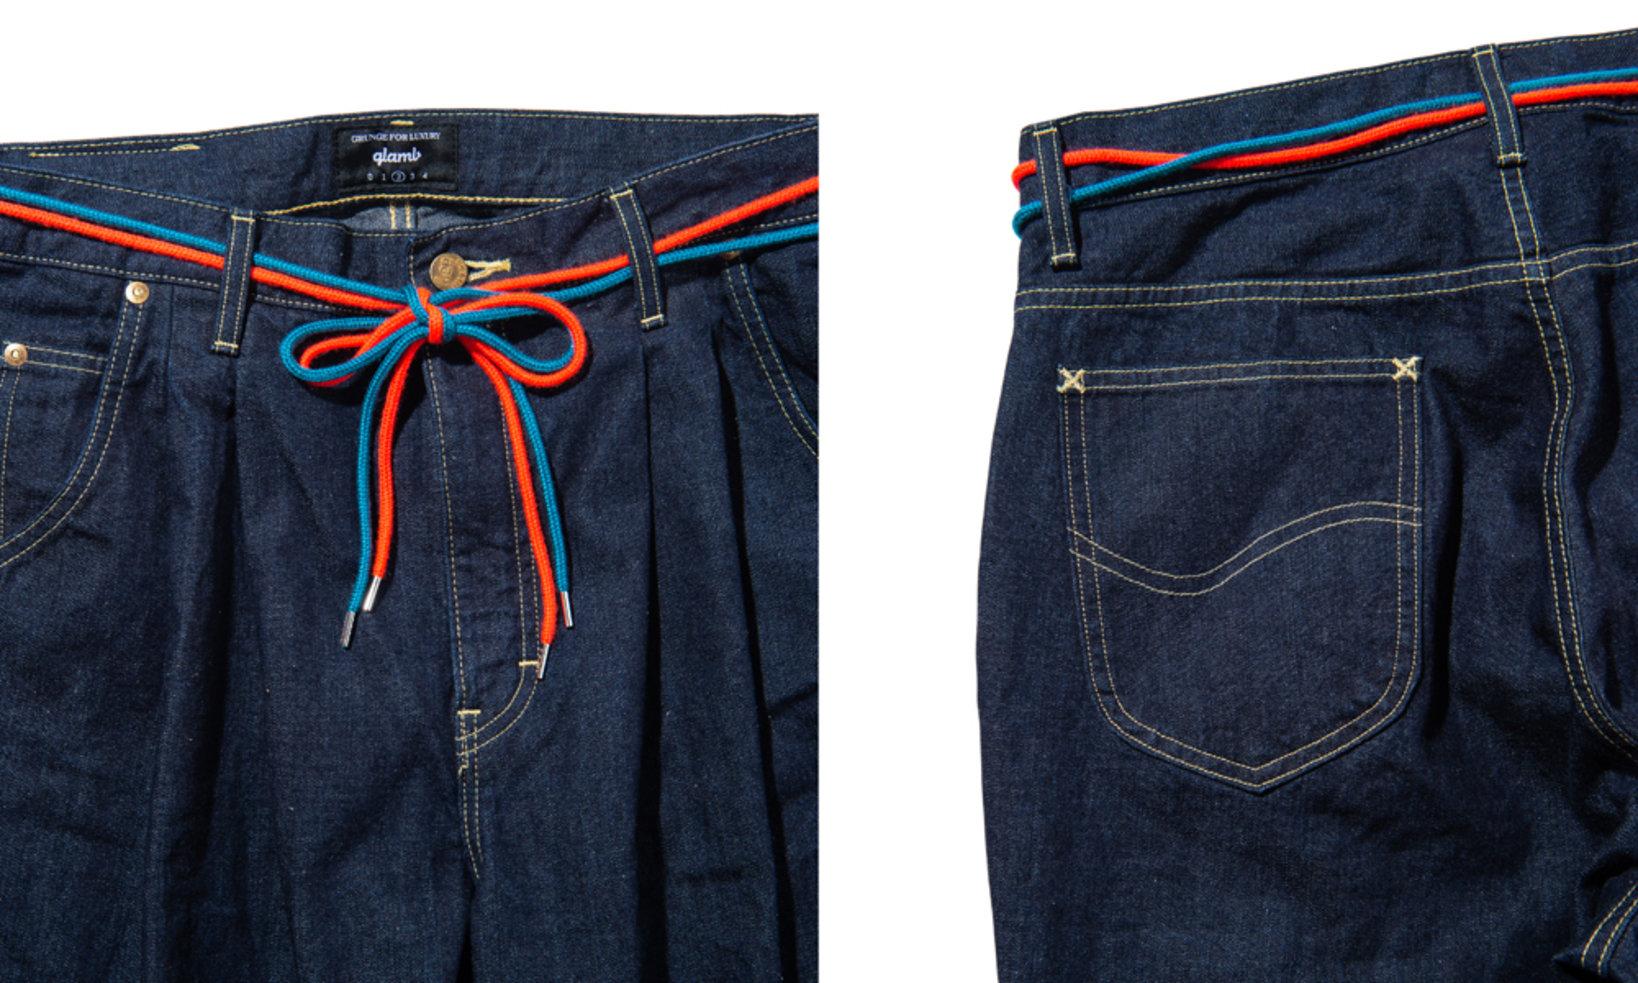 ベルト代わりになる2色1セットのシューレースが付属。バックポケットはデニムマニアには一目でそれとわかるLeeのディテールを採用